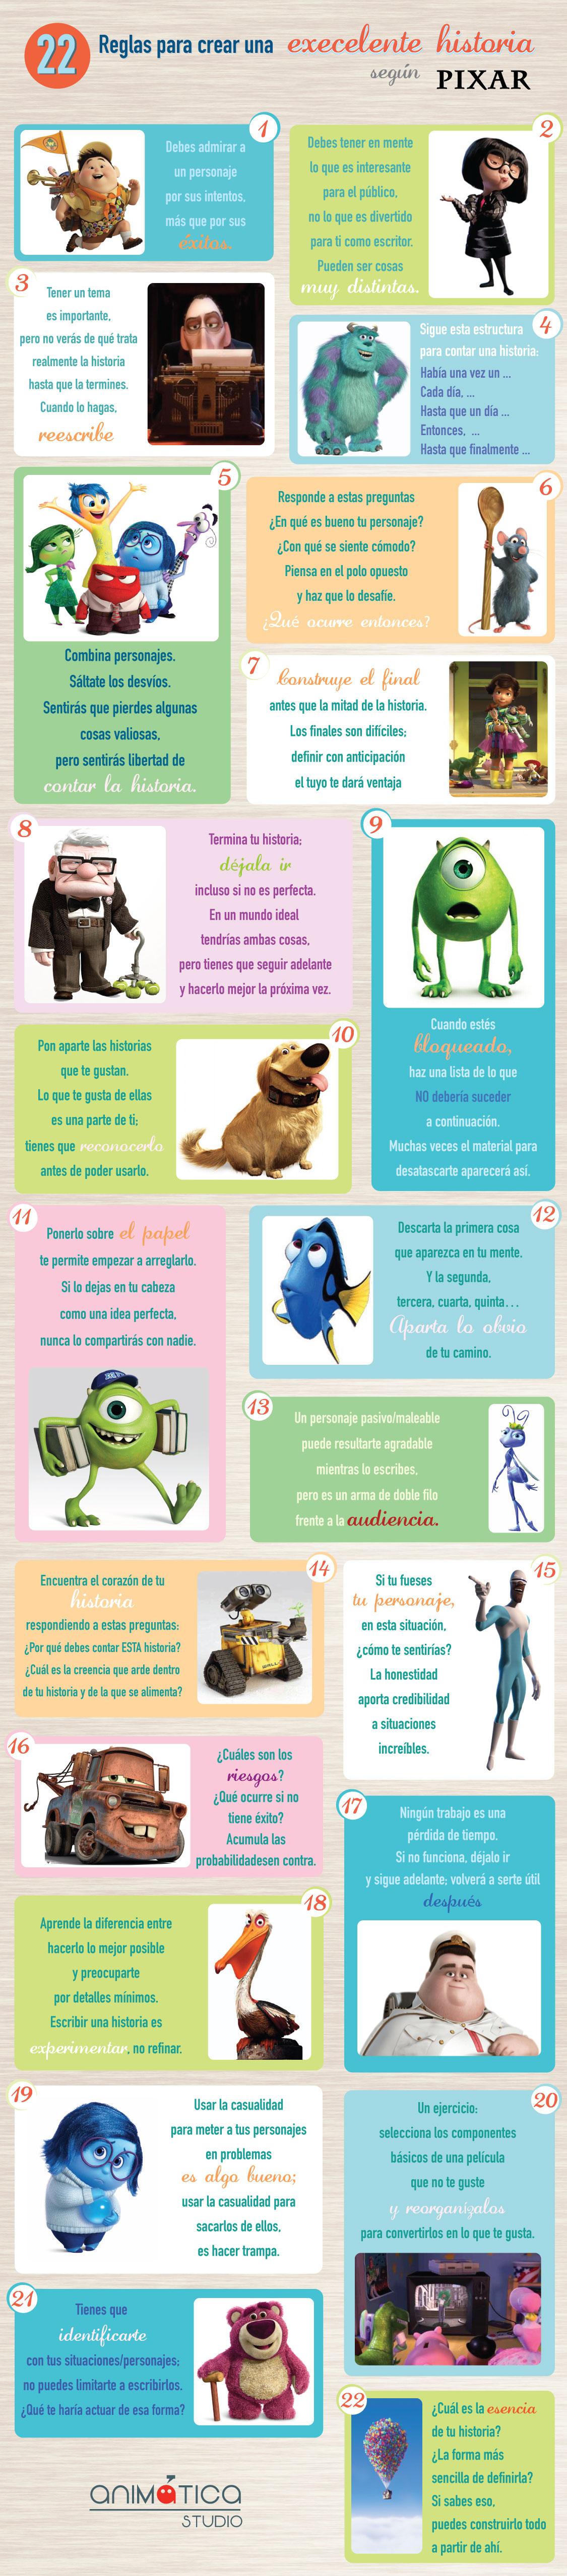 infografia-22-reglas-pixar